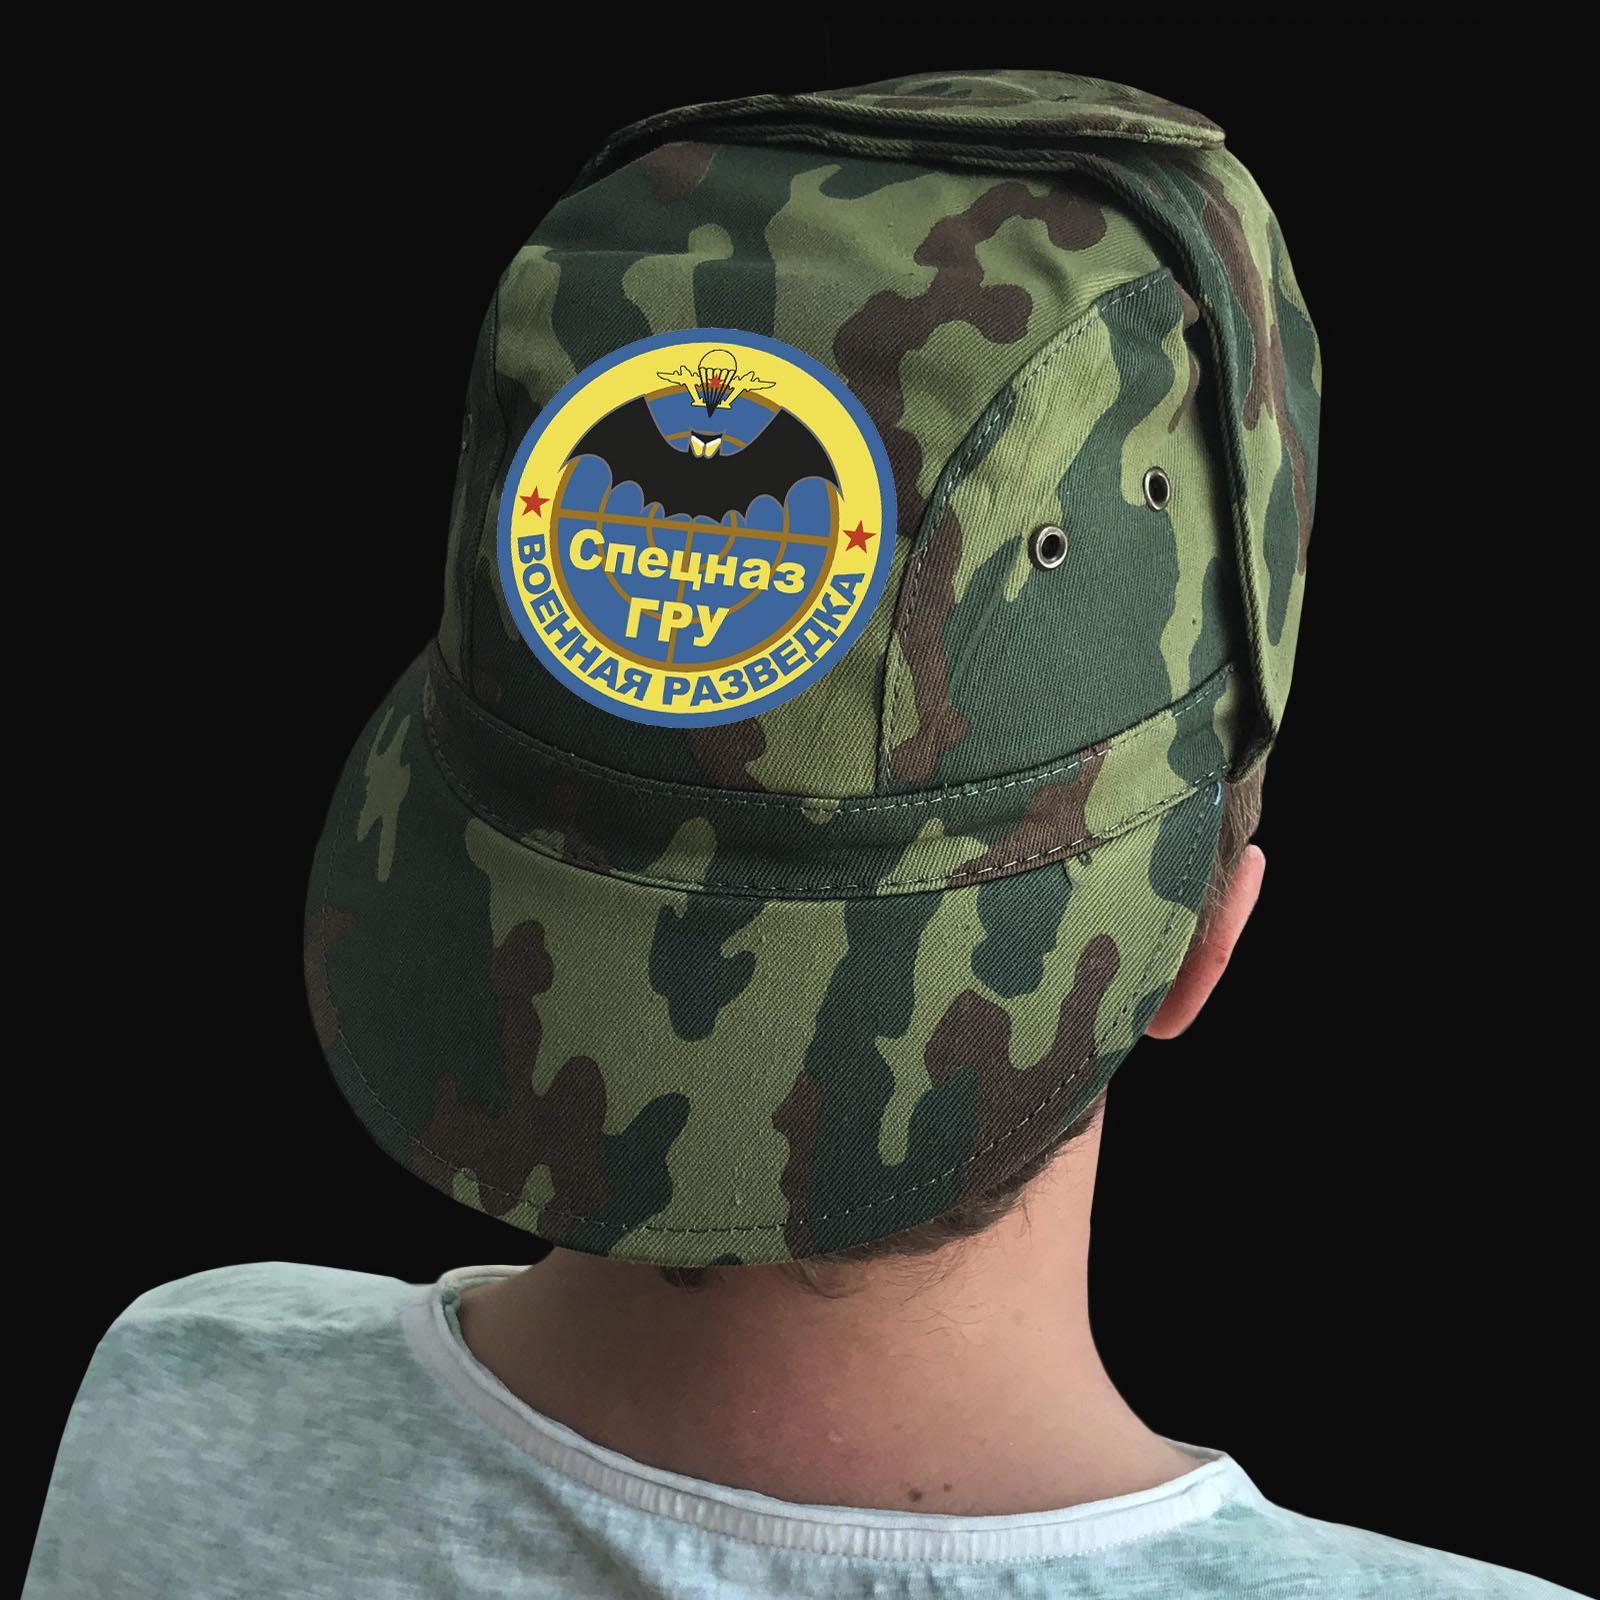 Купить милитари кепку с термонаклейкой Спецназ ГРУ с доставкой